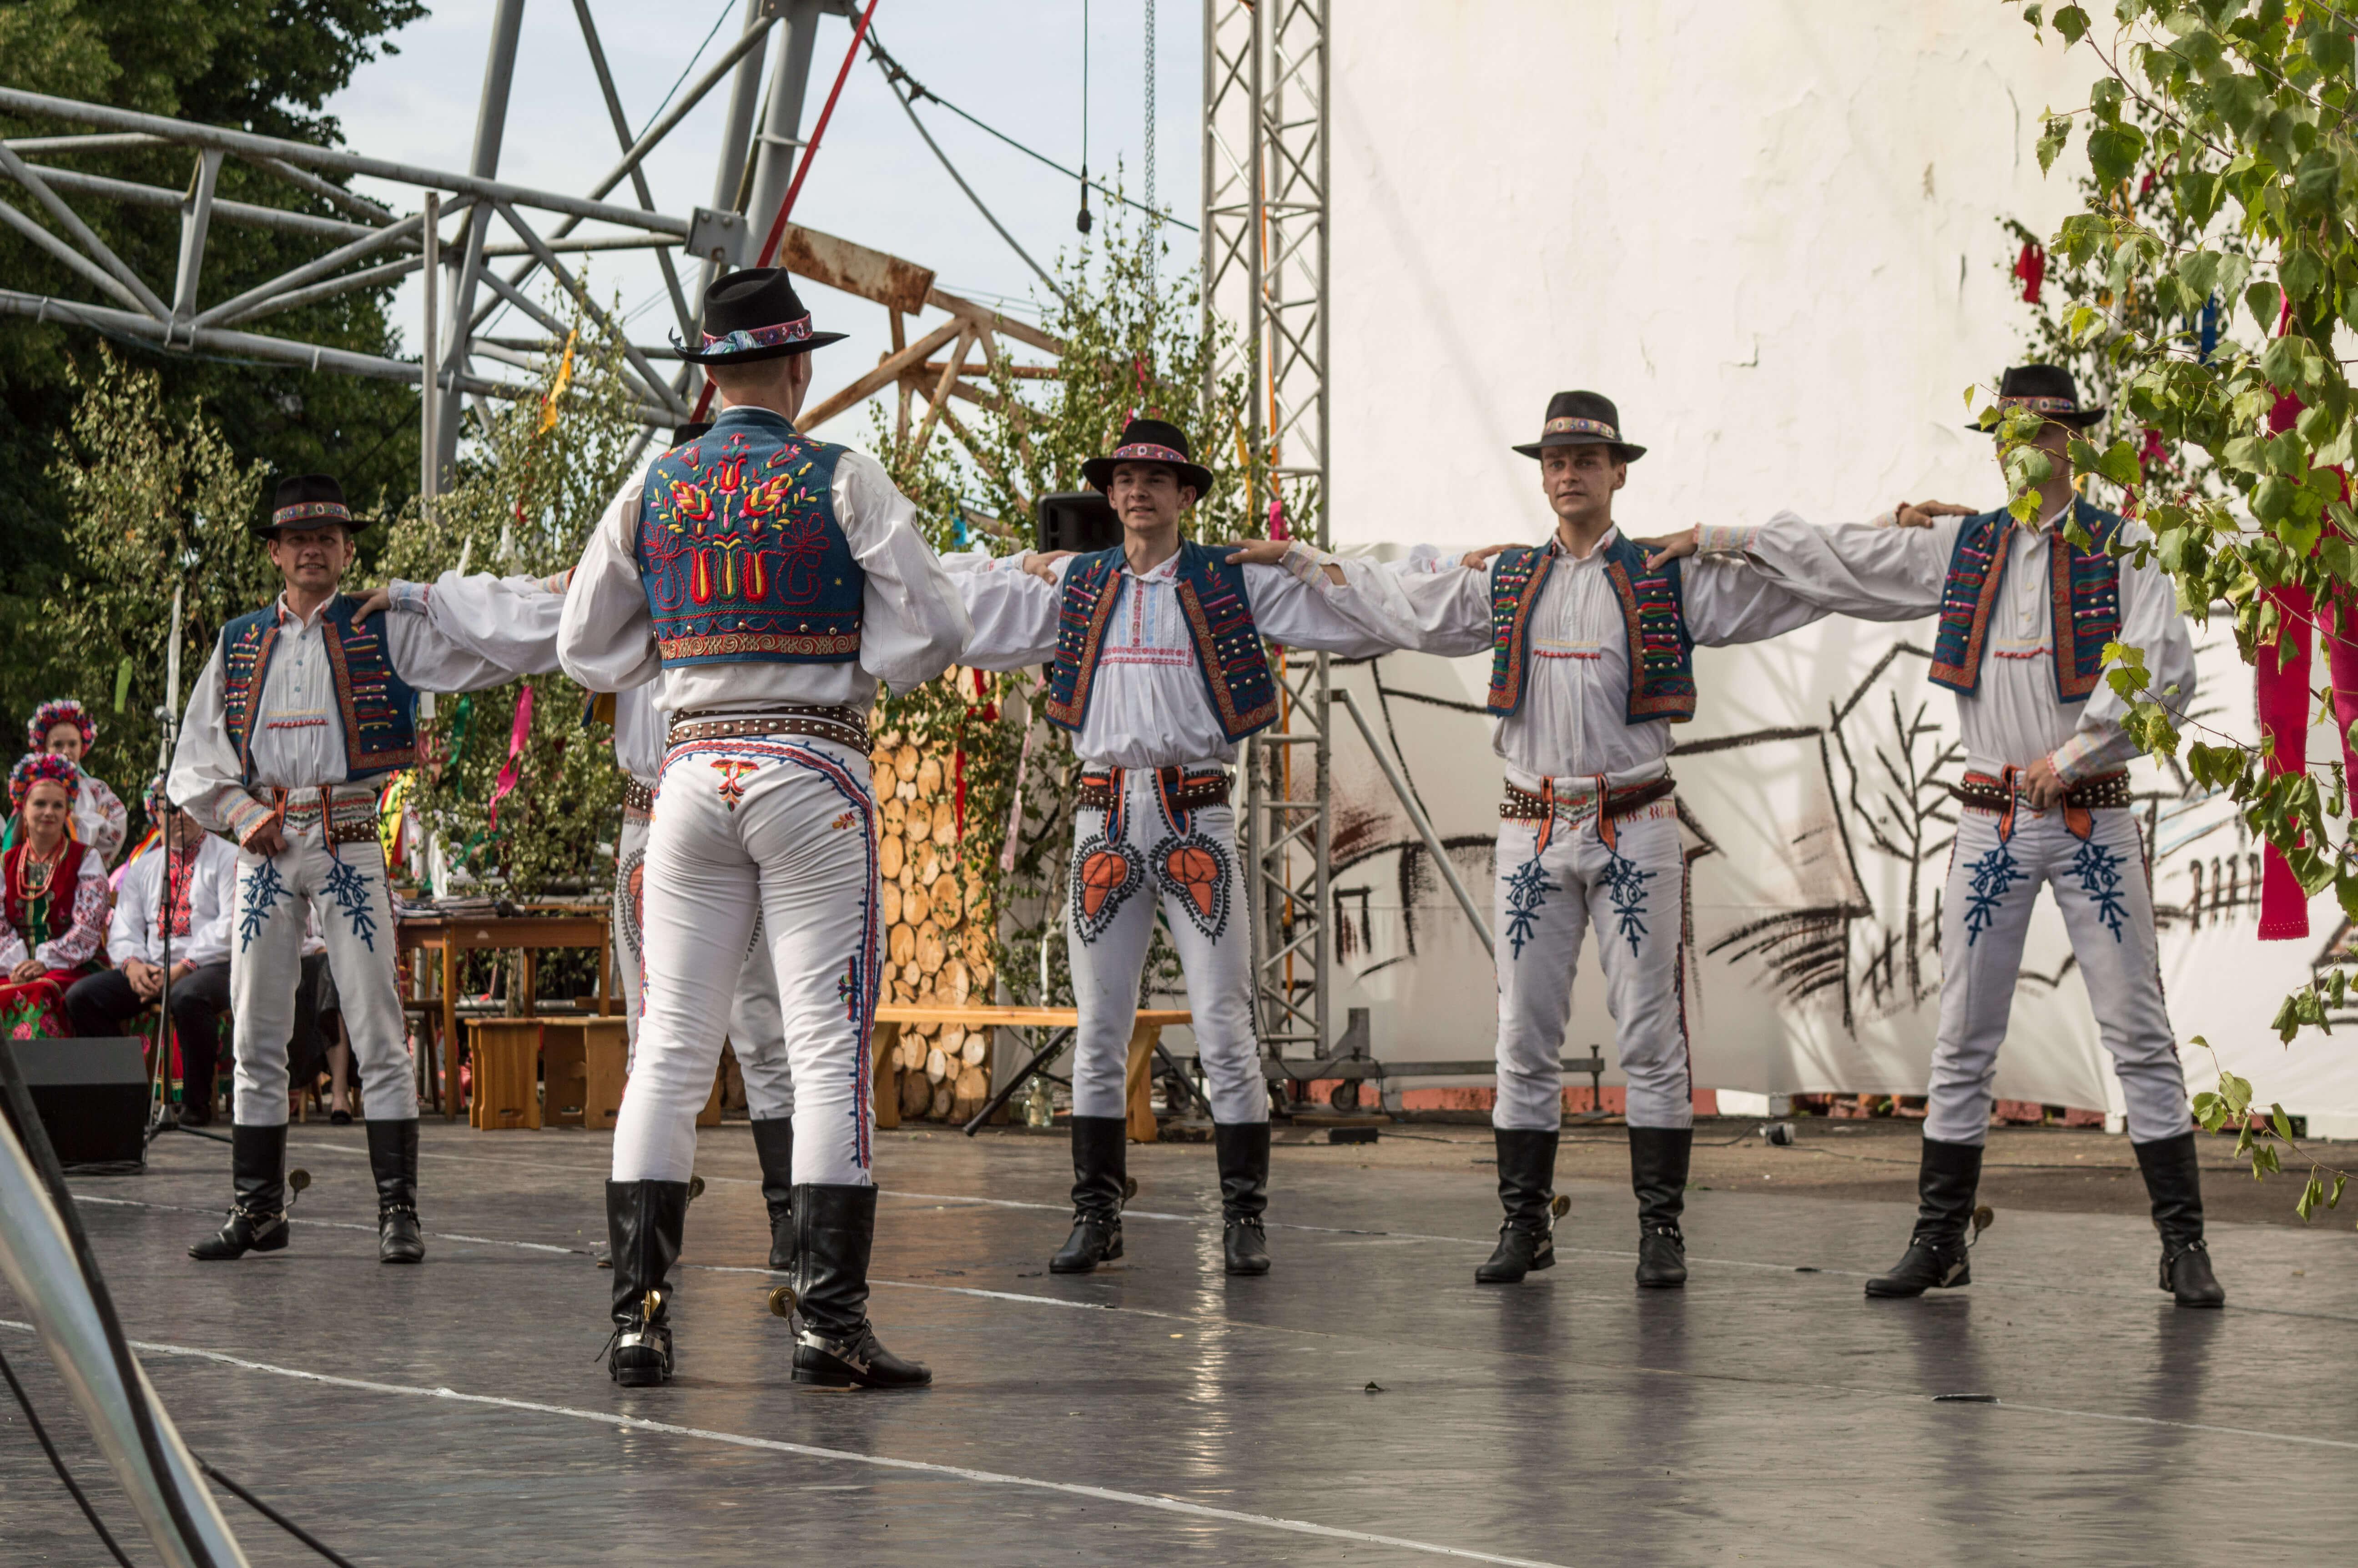 Slávnosti kultúry rusínov-ukrajincov Slovenska - Svidník 2018_2